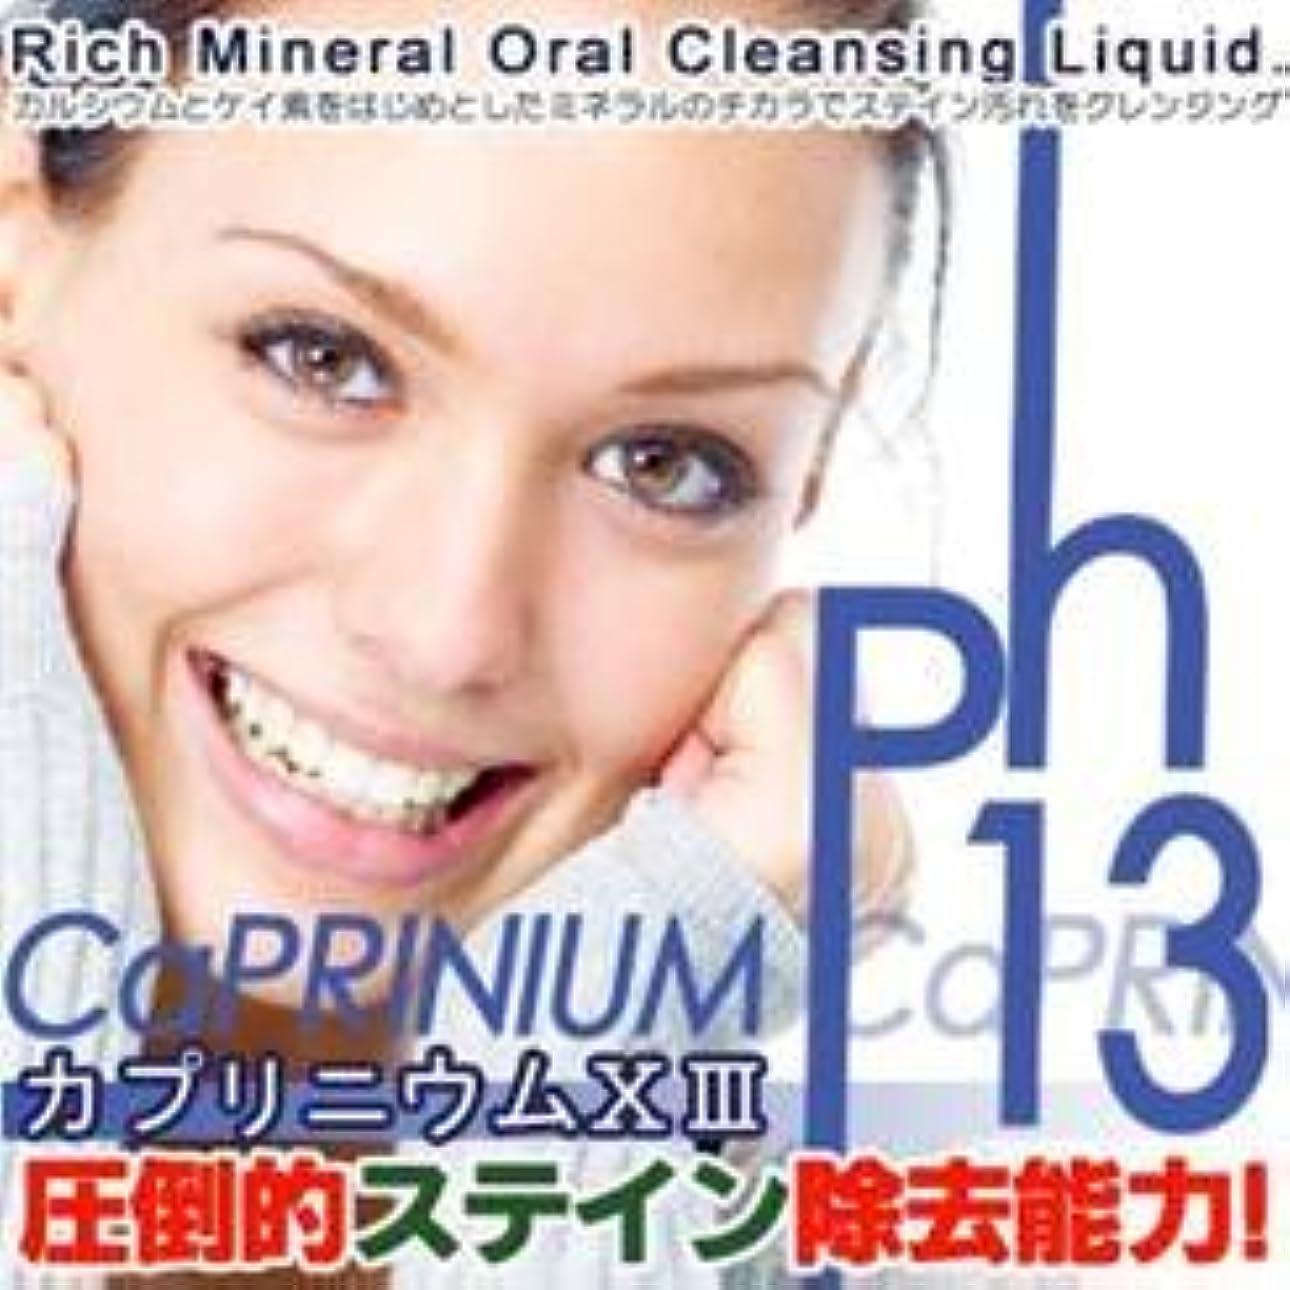 チームと遊ぶ日没カプリニウムサーティーンジェル1個入(10日分) 電動歯ブラシ対応歯磨きジェル